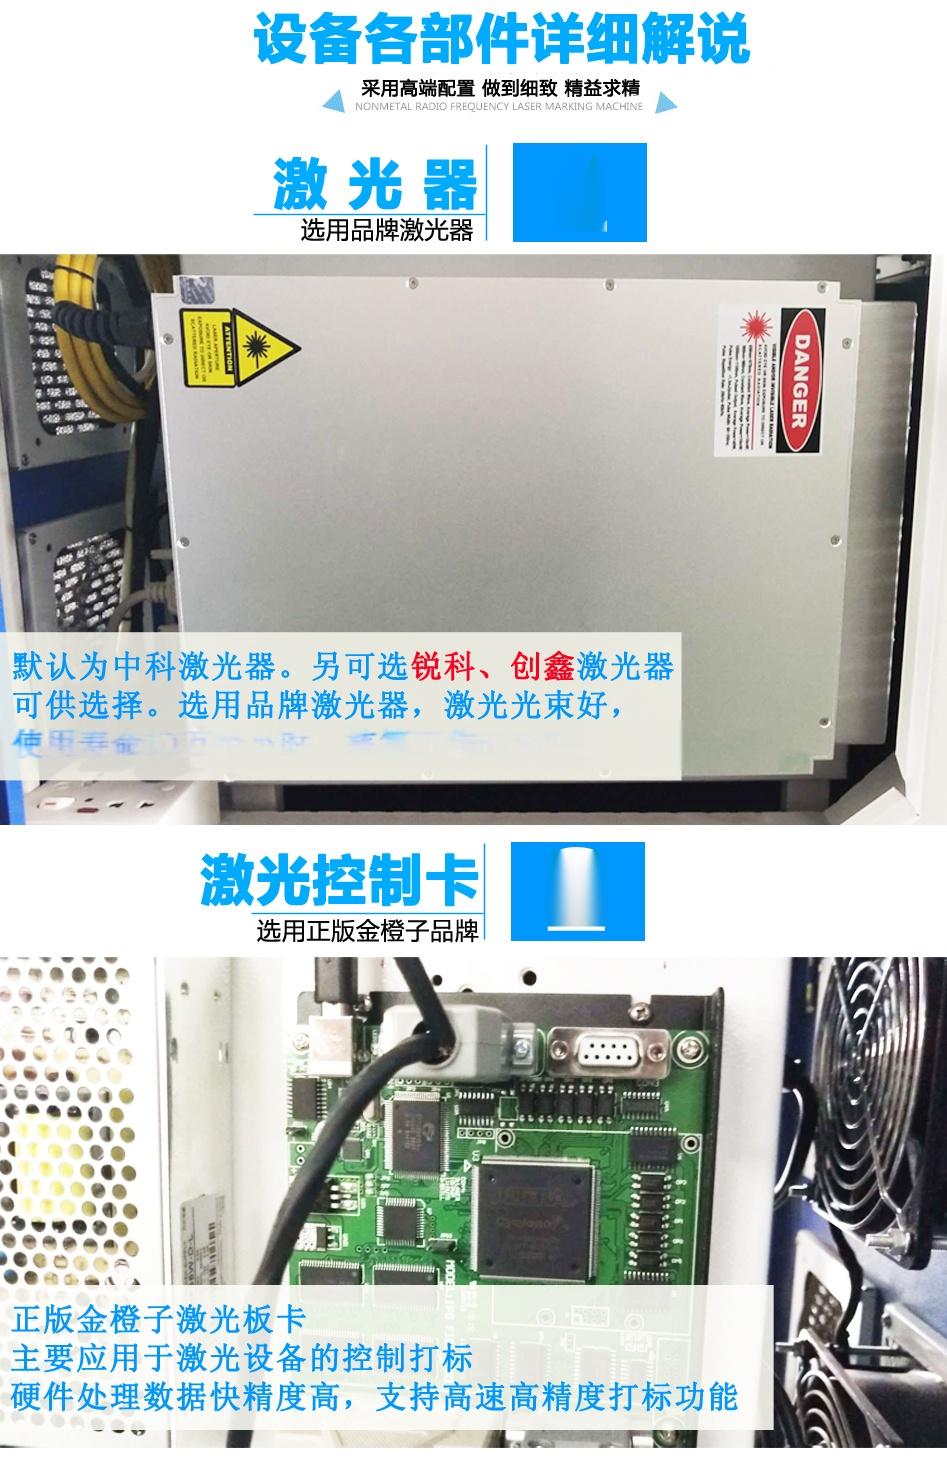 光纤激光打标机详情(新版)_04.jpg